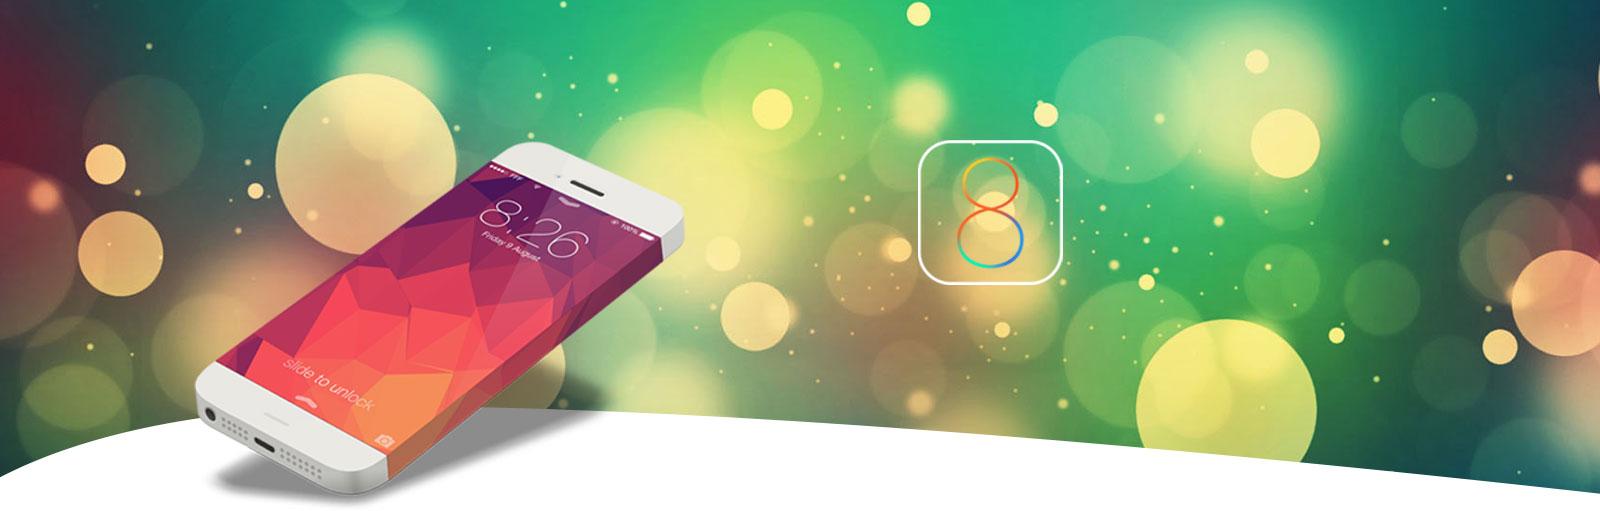 国内一流的iOSapp千赢国际娱乐老虎机团队,专业打造iOSapp应用软件千赢国际娱乐老虎机,苹果app软件千赢国际娱乐老虎机